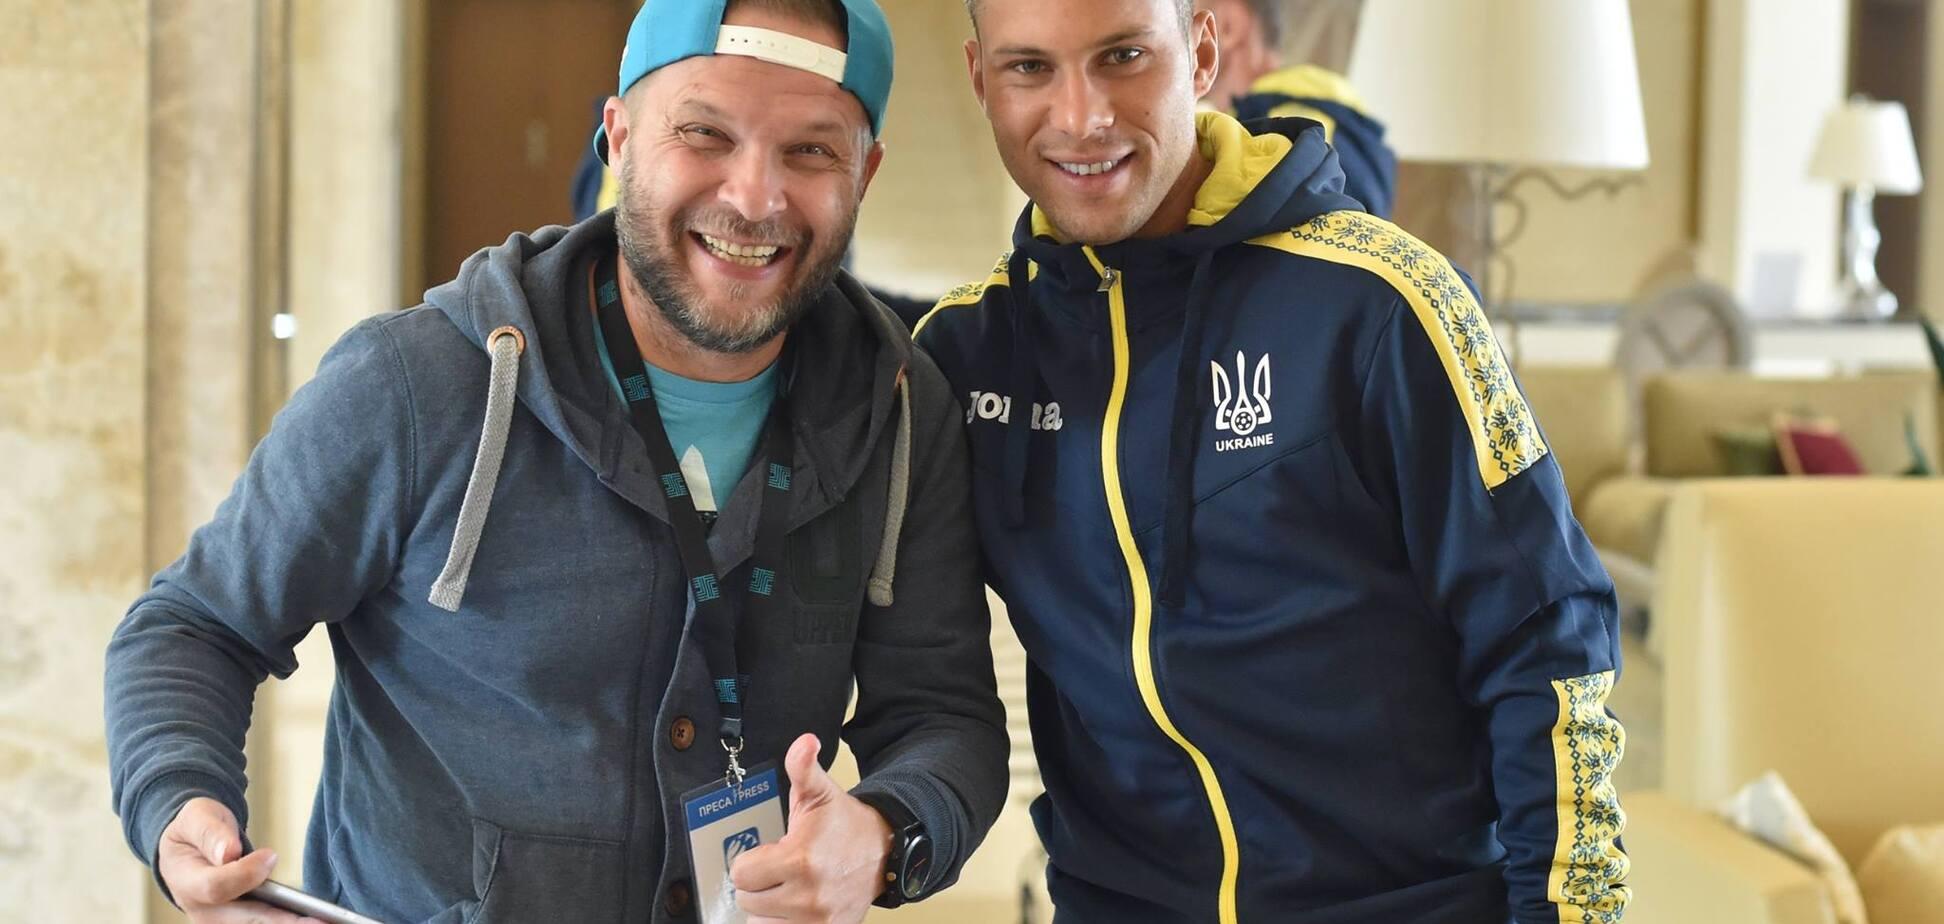 Євро-2020: чи будуть у збірній України нові бразильці?